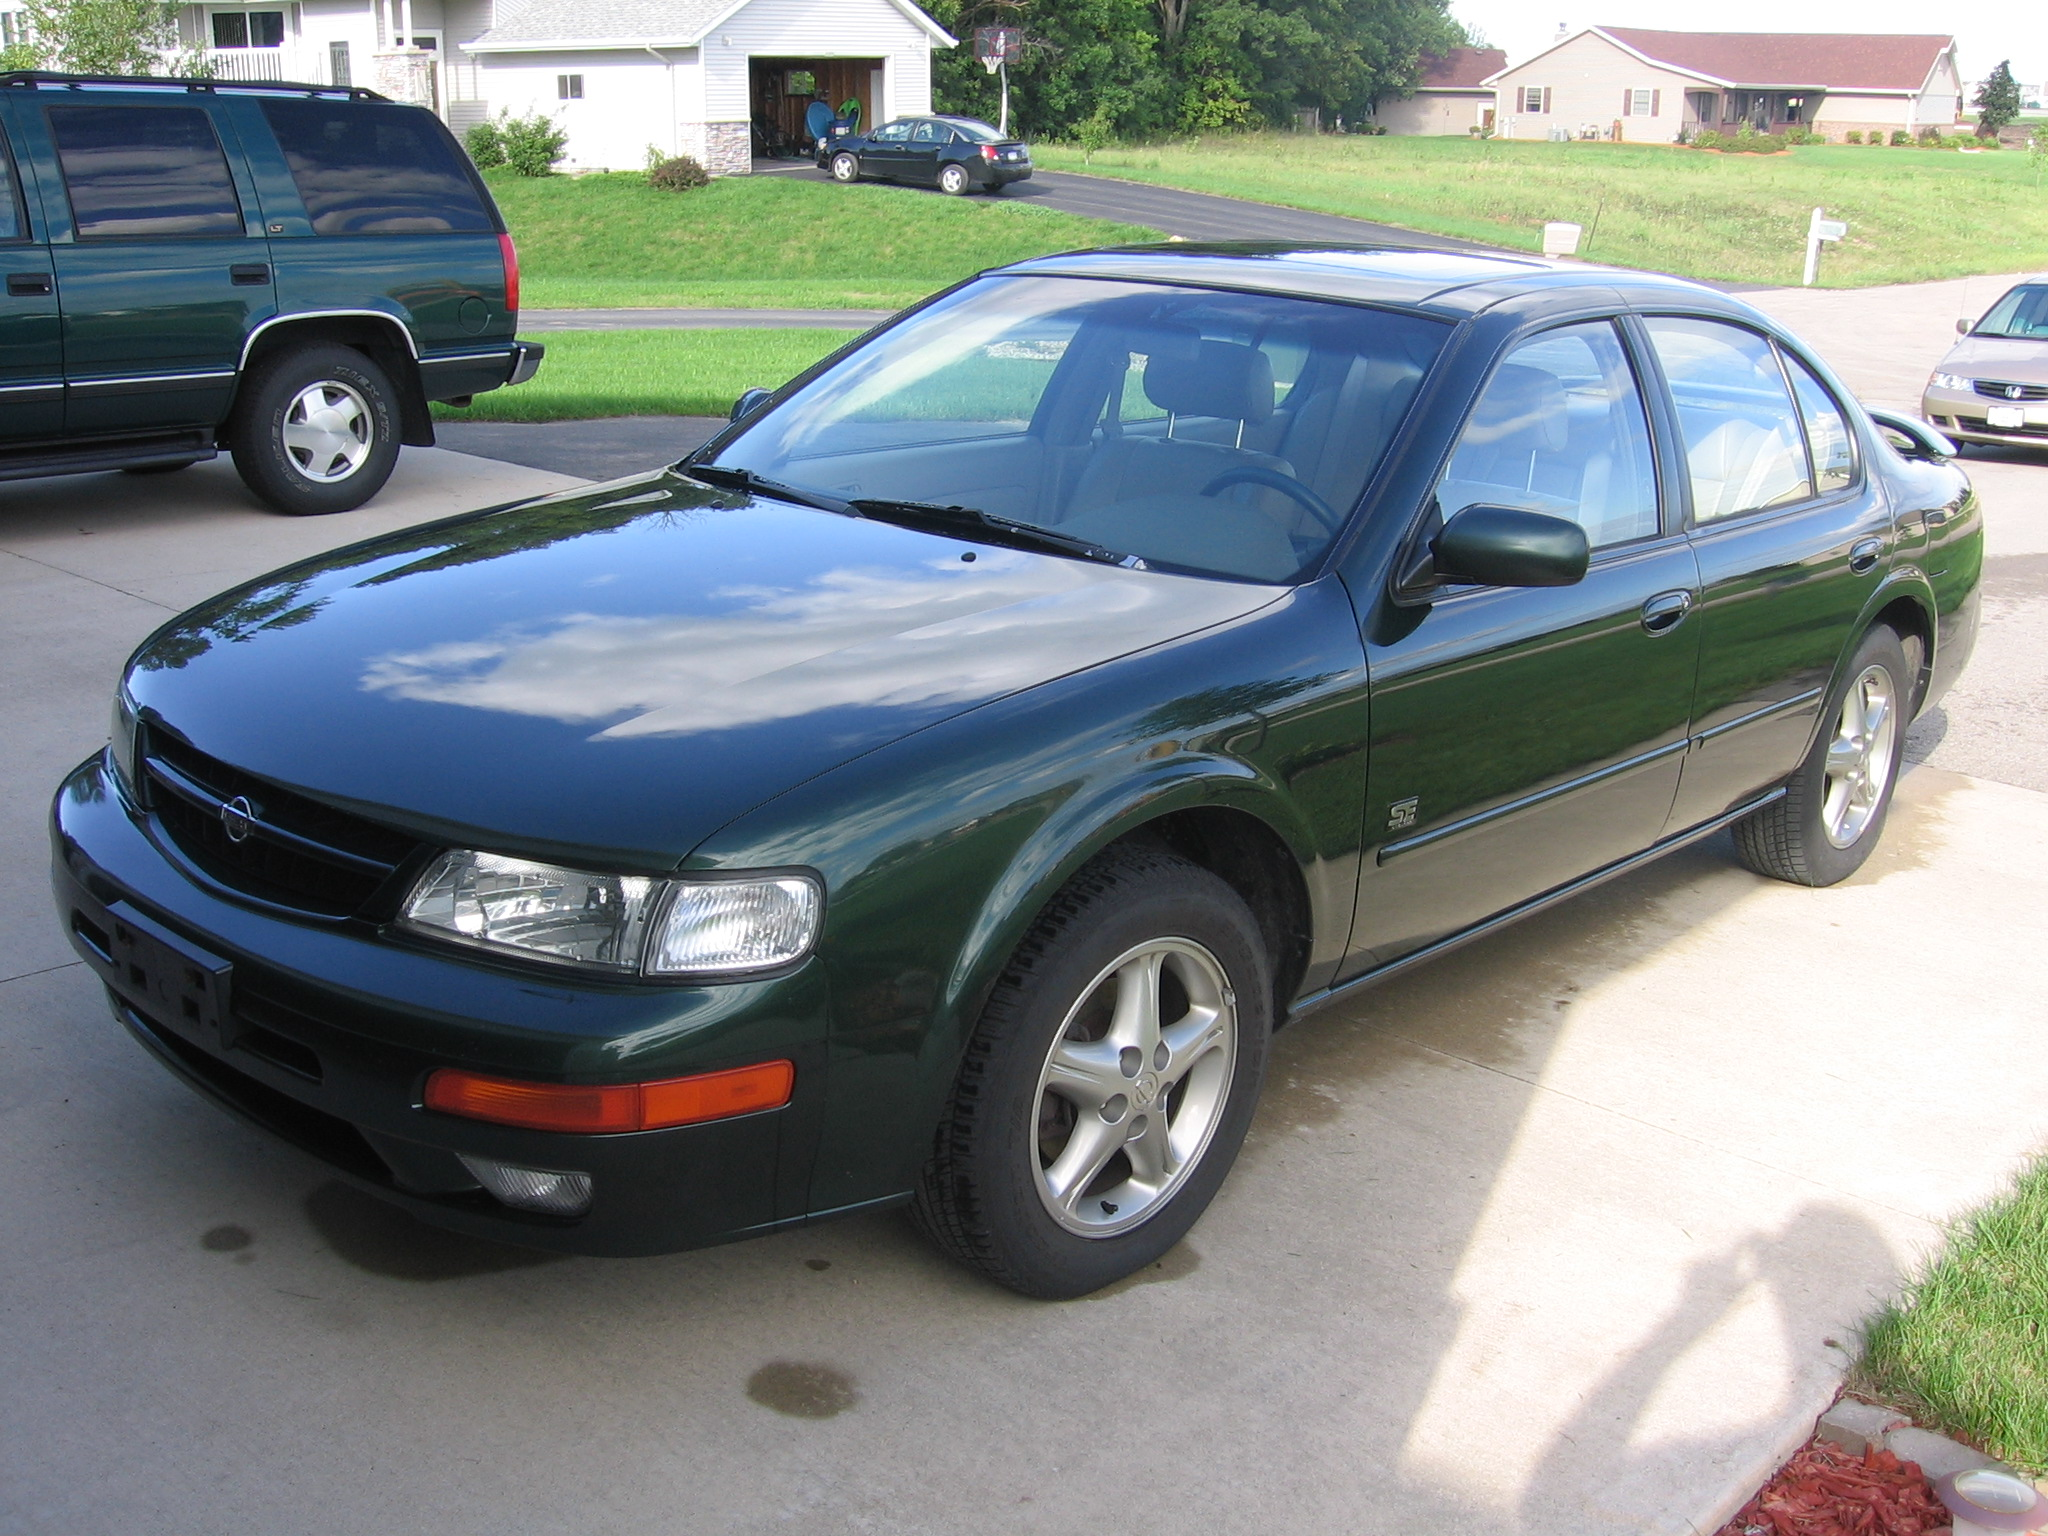 1999 Nissan Maxima #7 Nissan Maxima #7